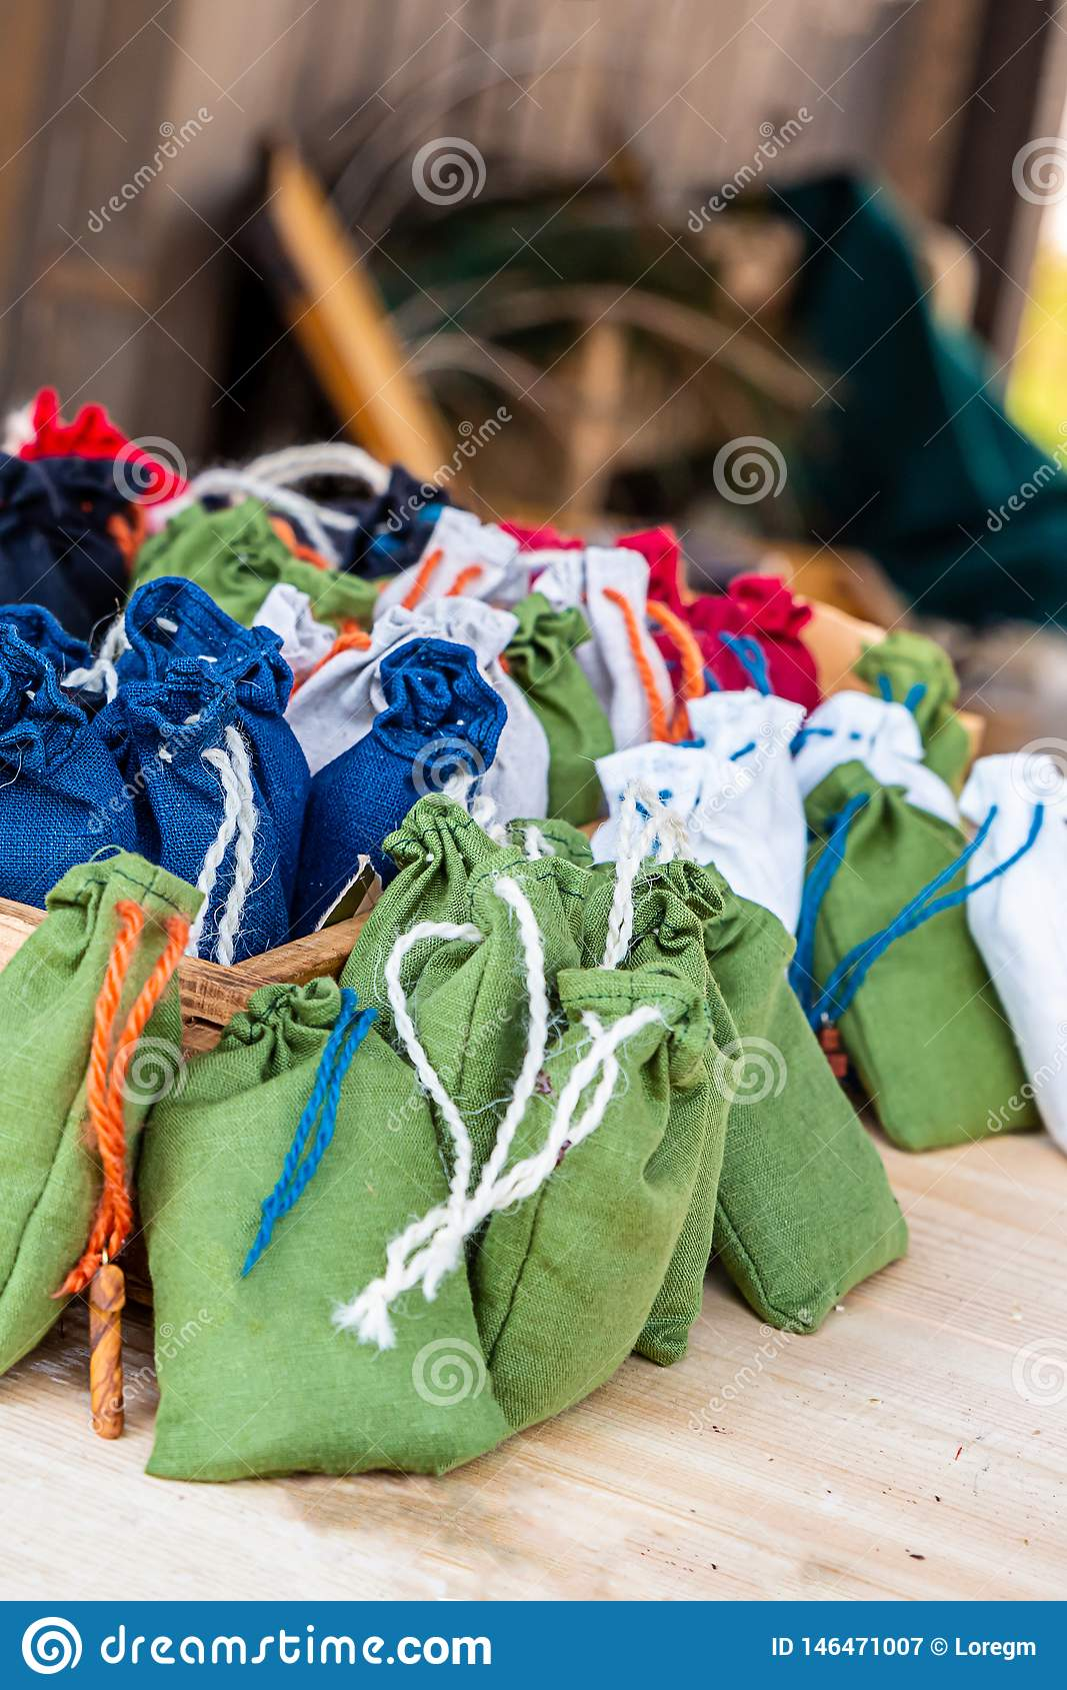 Vastgestelde groene donkerblauwe witte multicolored de kabelband van de zakjute op de tegen middeleeuwse medaillewinnaar